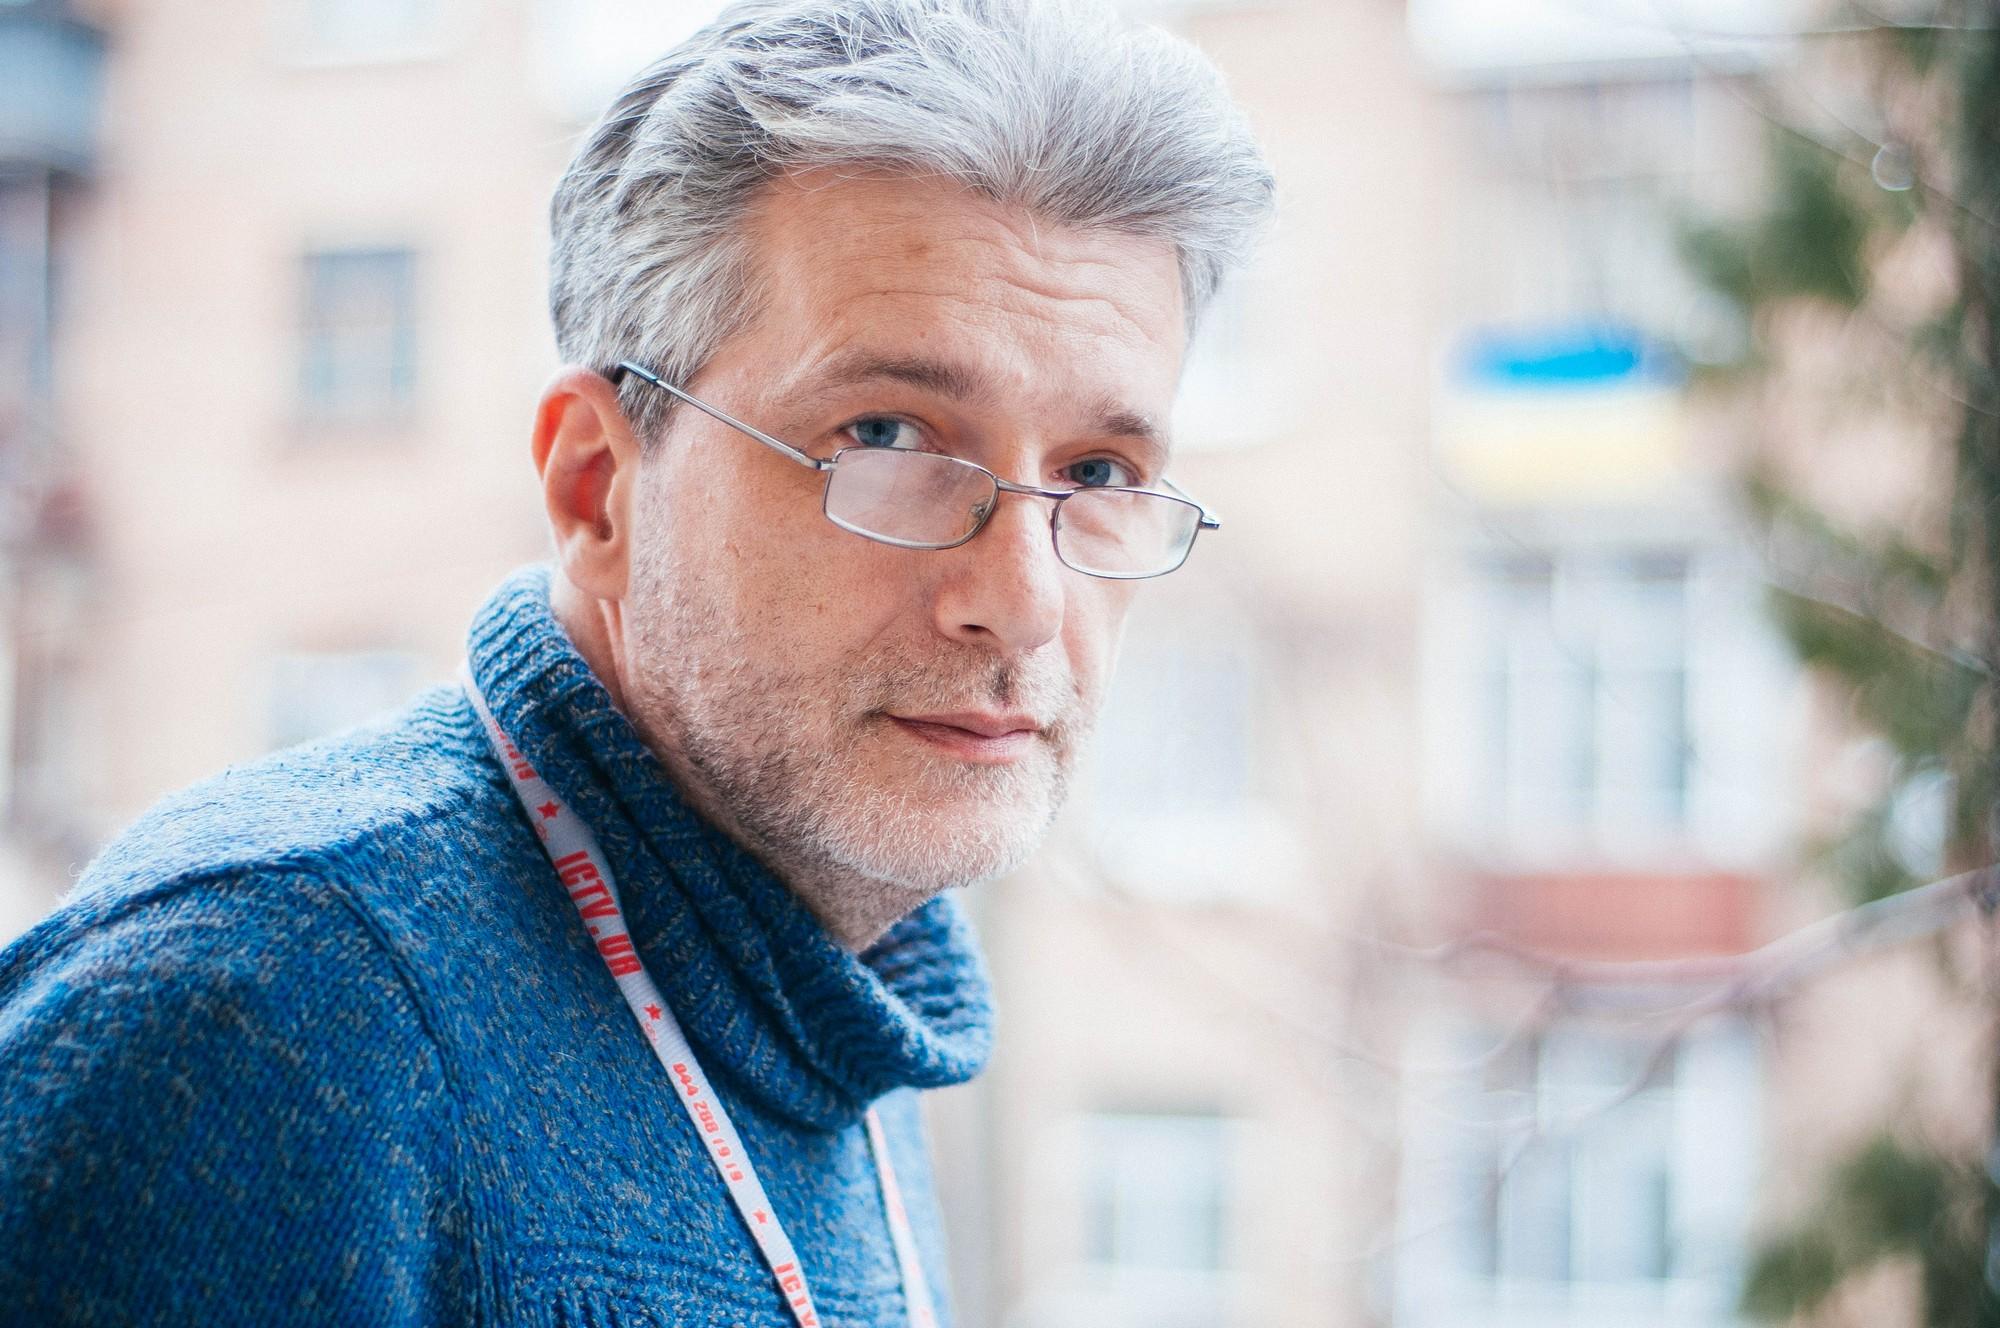 Андрій Куликов: «Не варто працювати без уявлення, чого ти зрештою хочеш від професії»